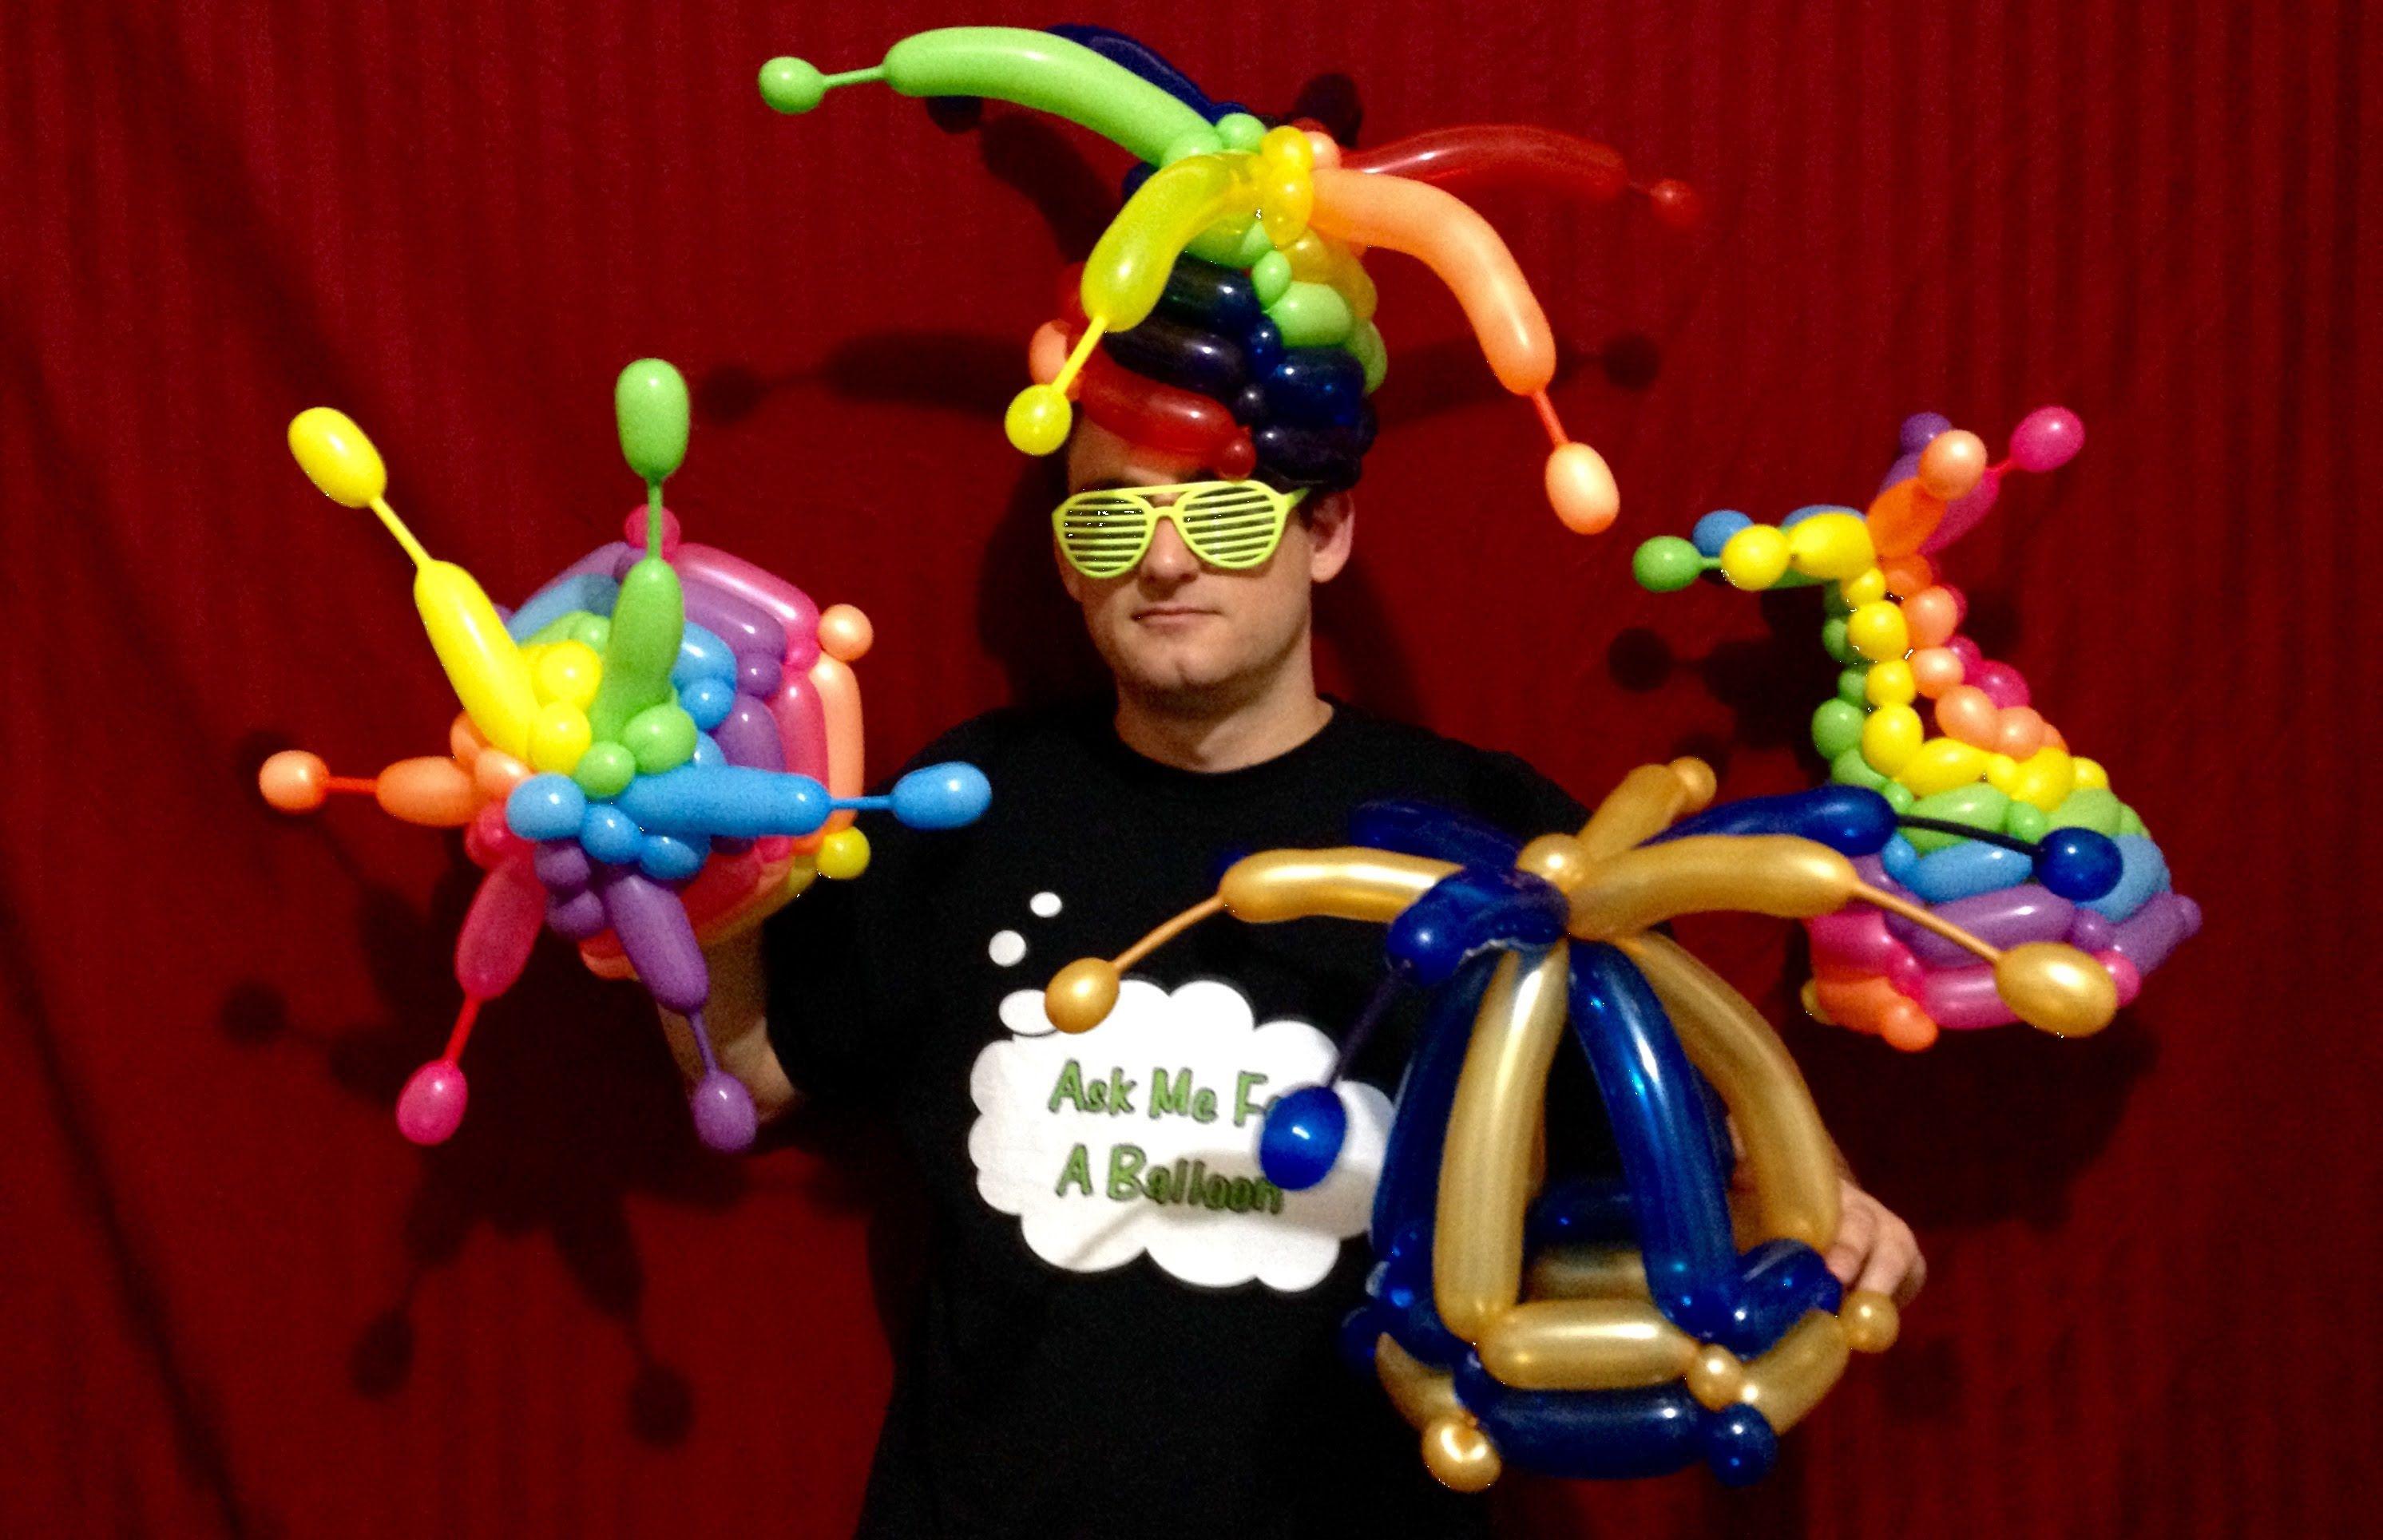 Deluxe Rainbow Balloon Jester Hats!